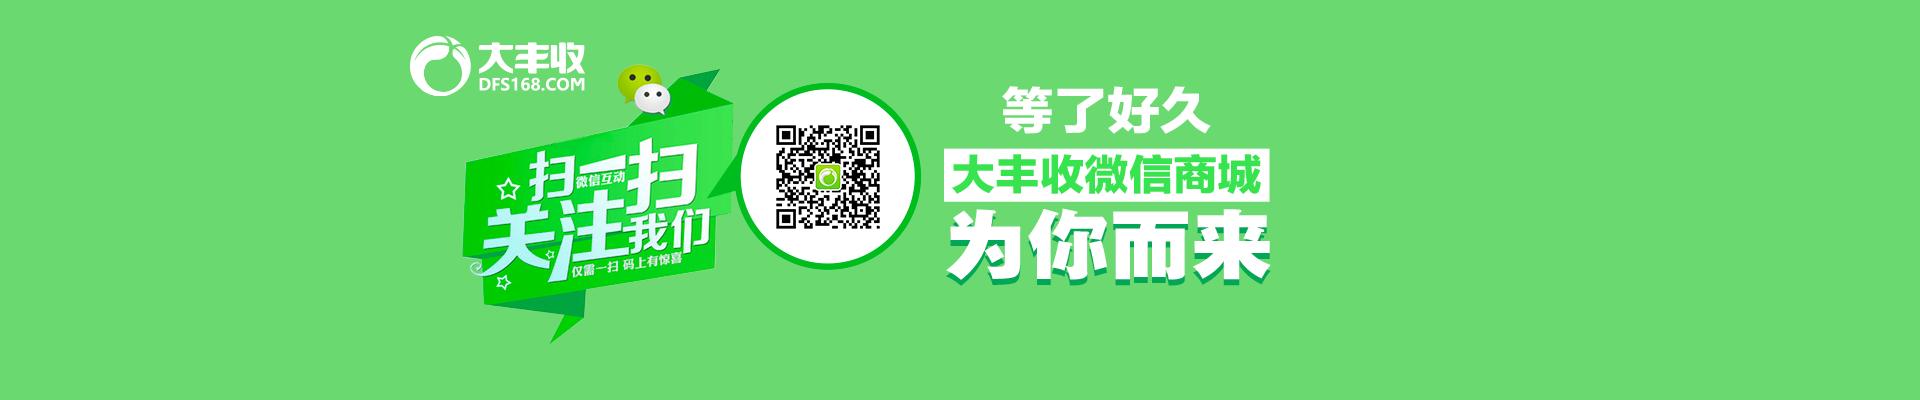 【通知】微信商城上线